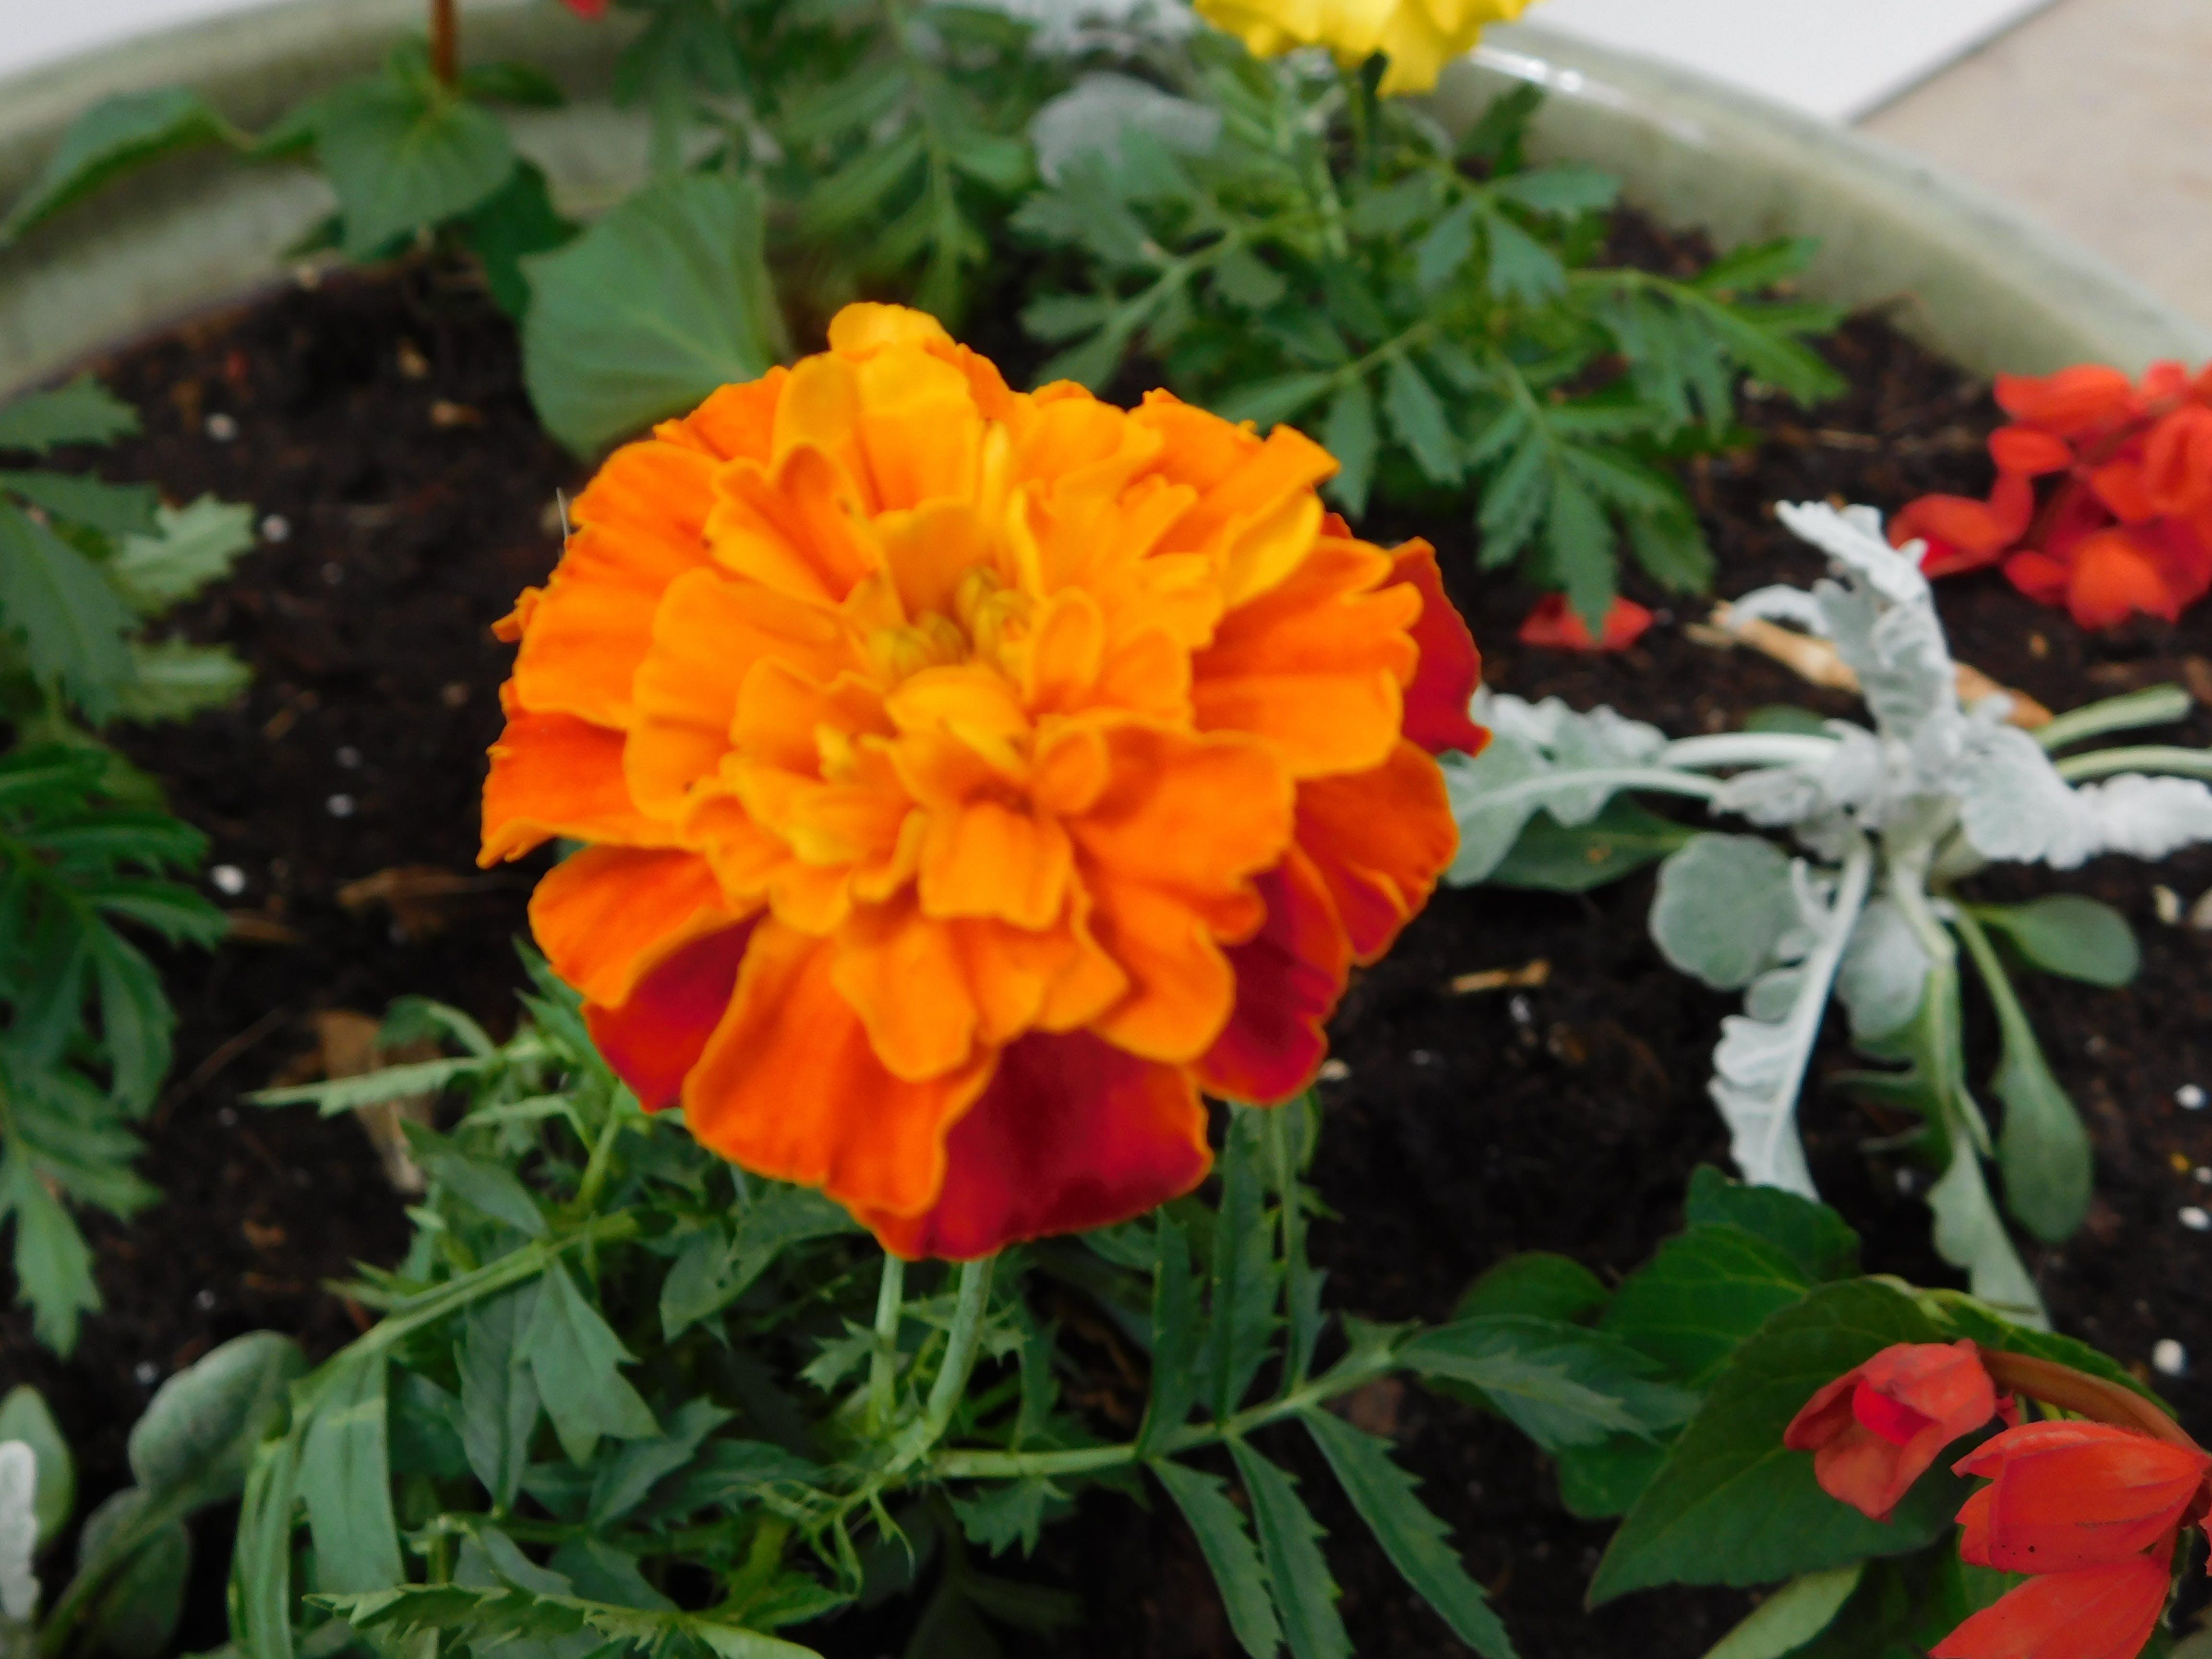 Darmowe zdjęcie z galerii z kwiat nagietka zardzewiały